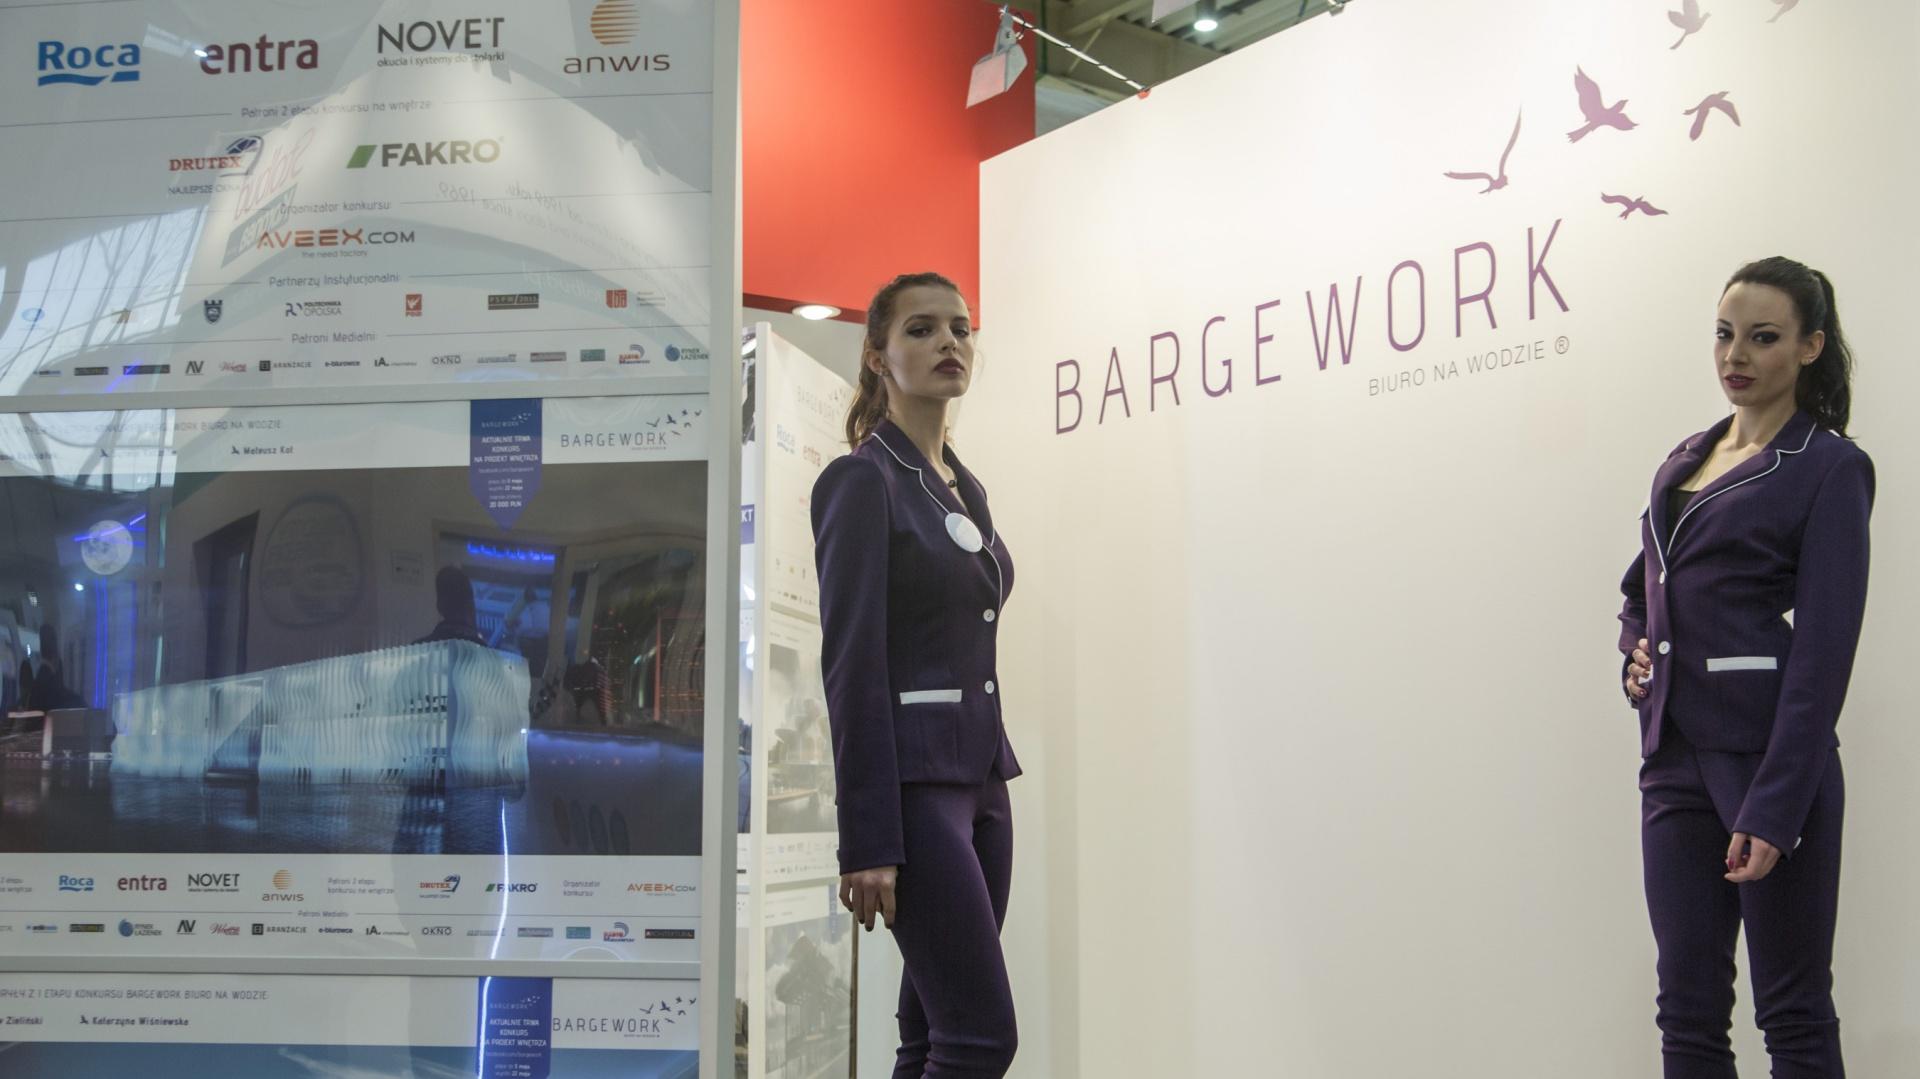 Aveex for Bargework Targi Budma 2015. Fot. Bargerwork